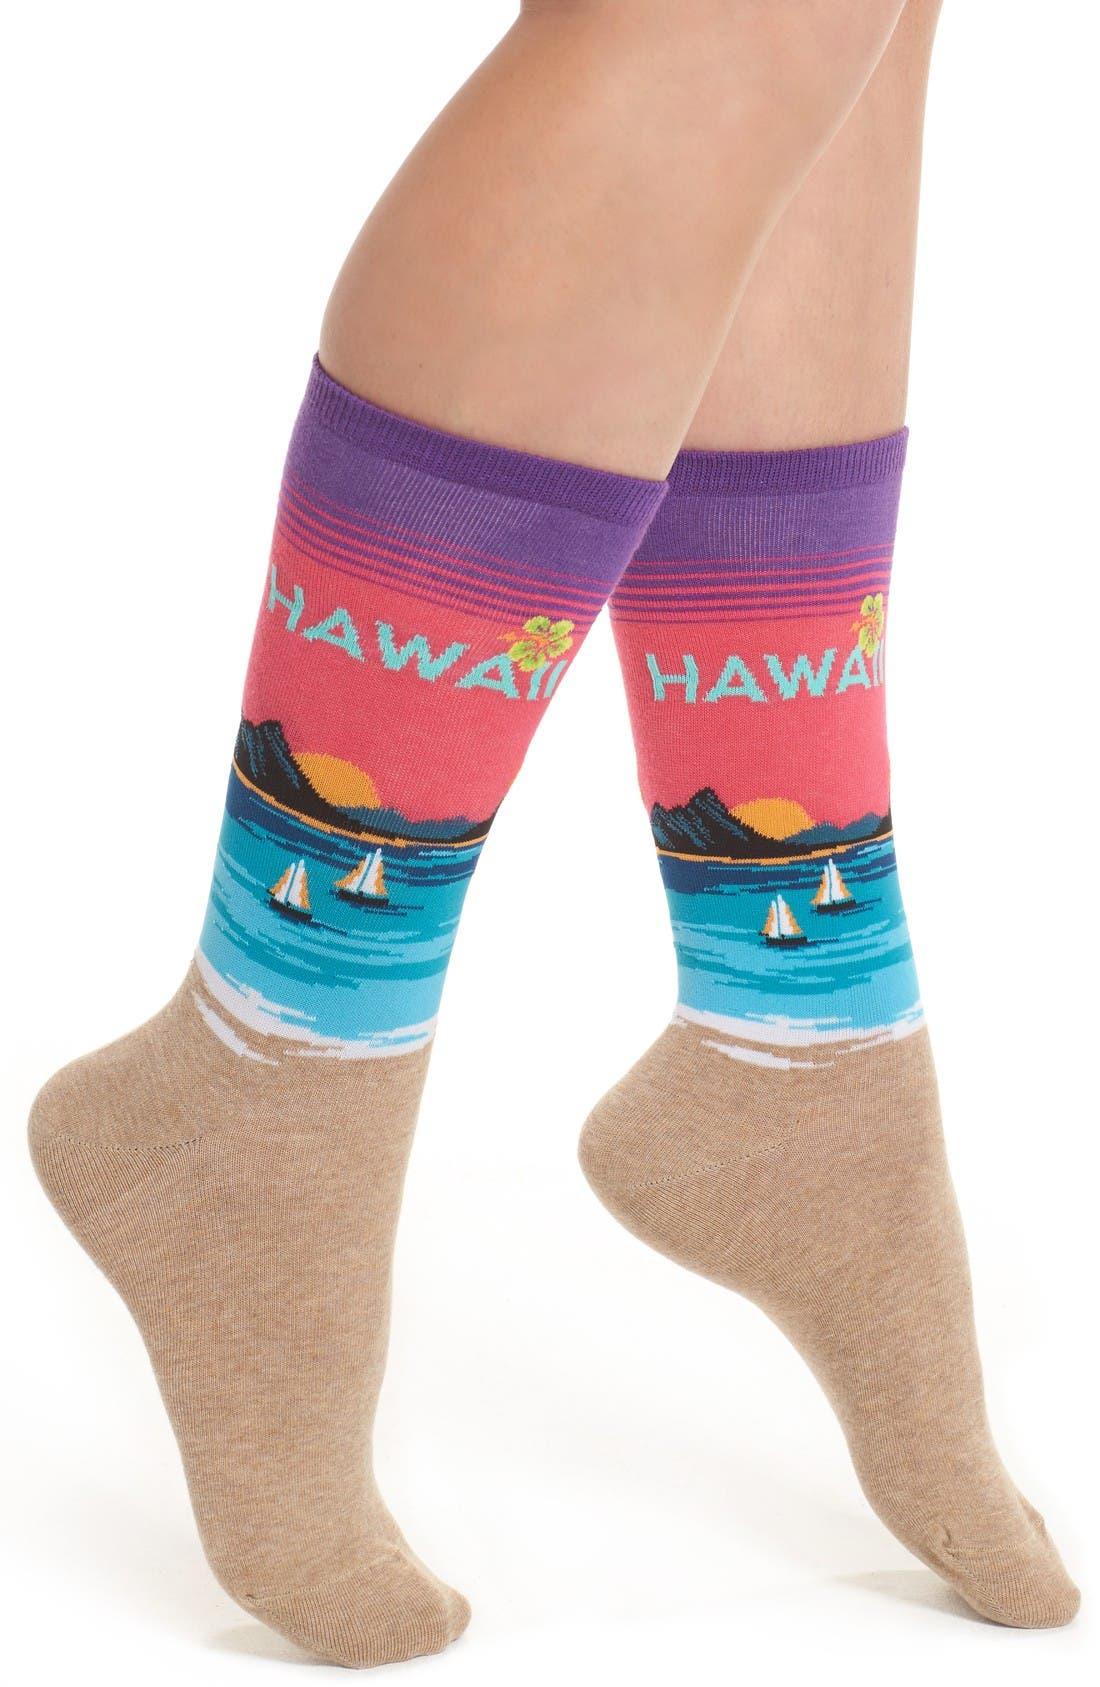 Hot Sox Hawaii Crew Socks (3 for $15)